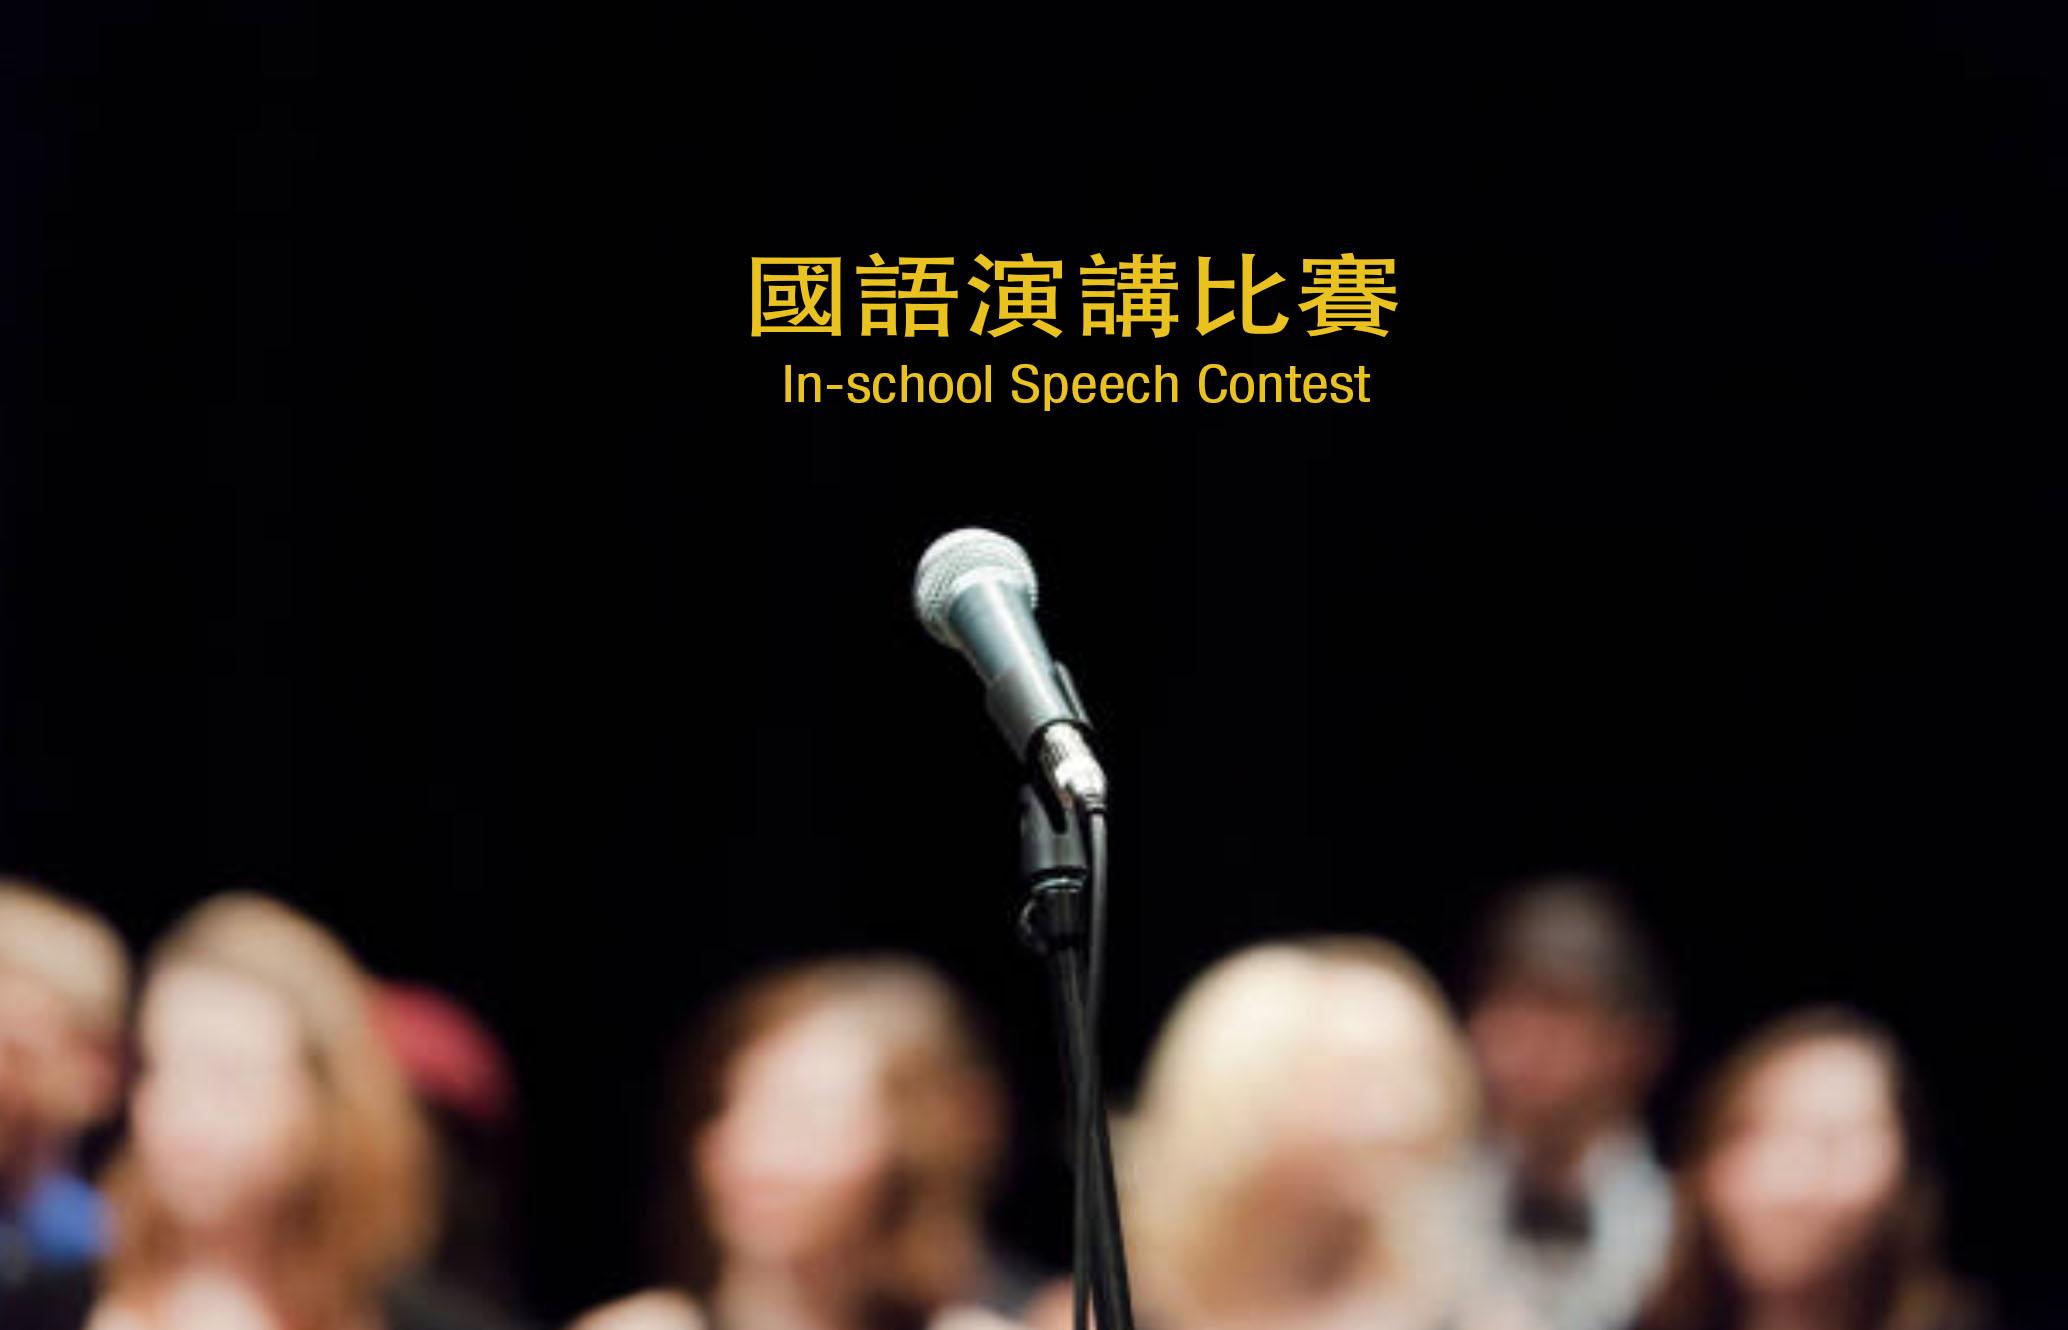 speech contest copy.jpg